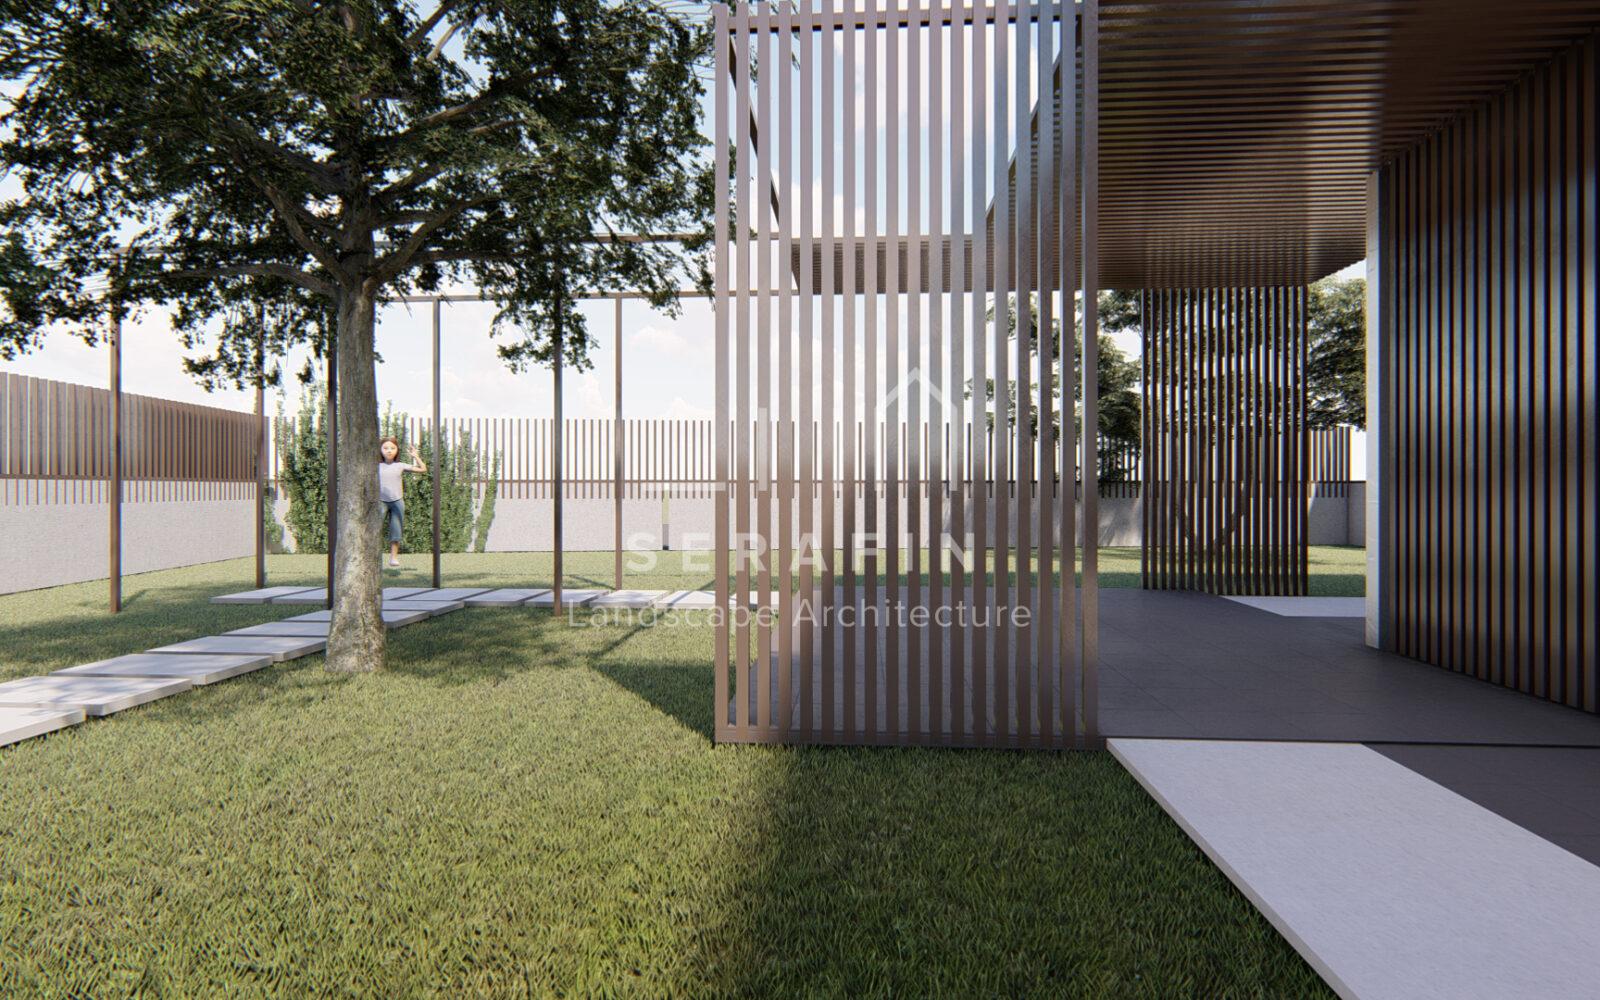 progettazione di un giardino privato a Sacile - 6